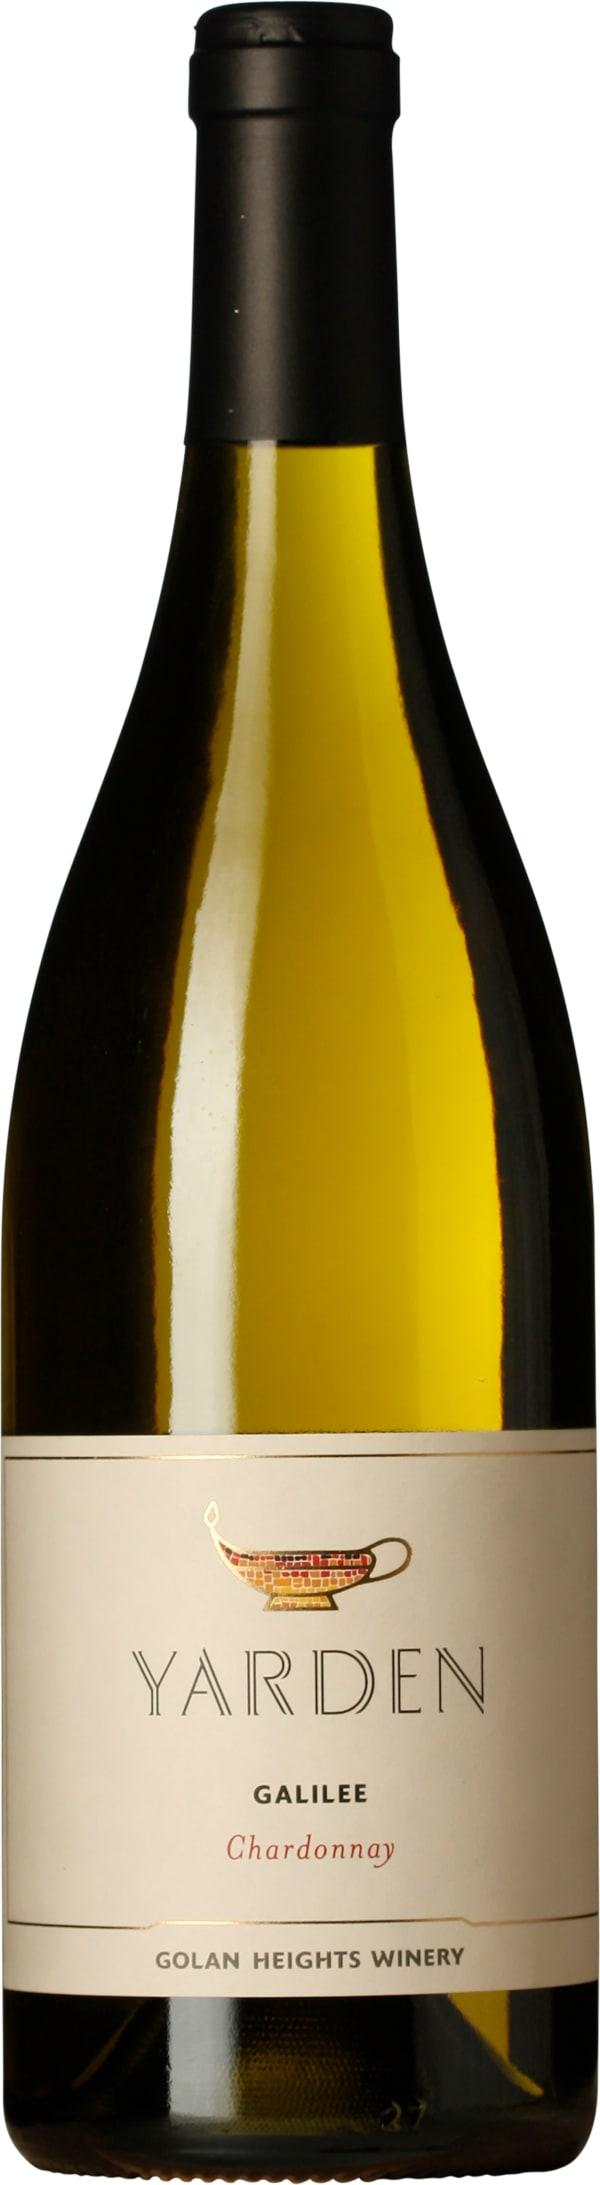 Yarden Chardonnay 2016